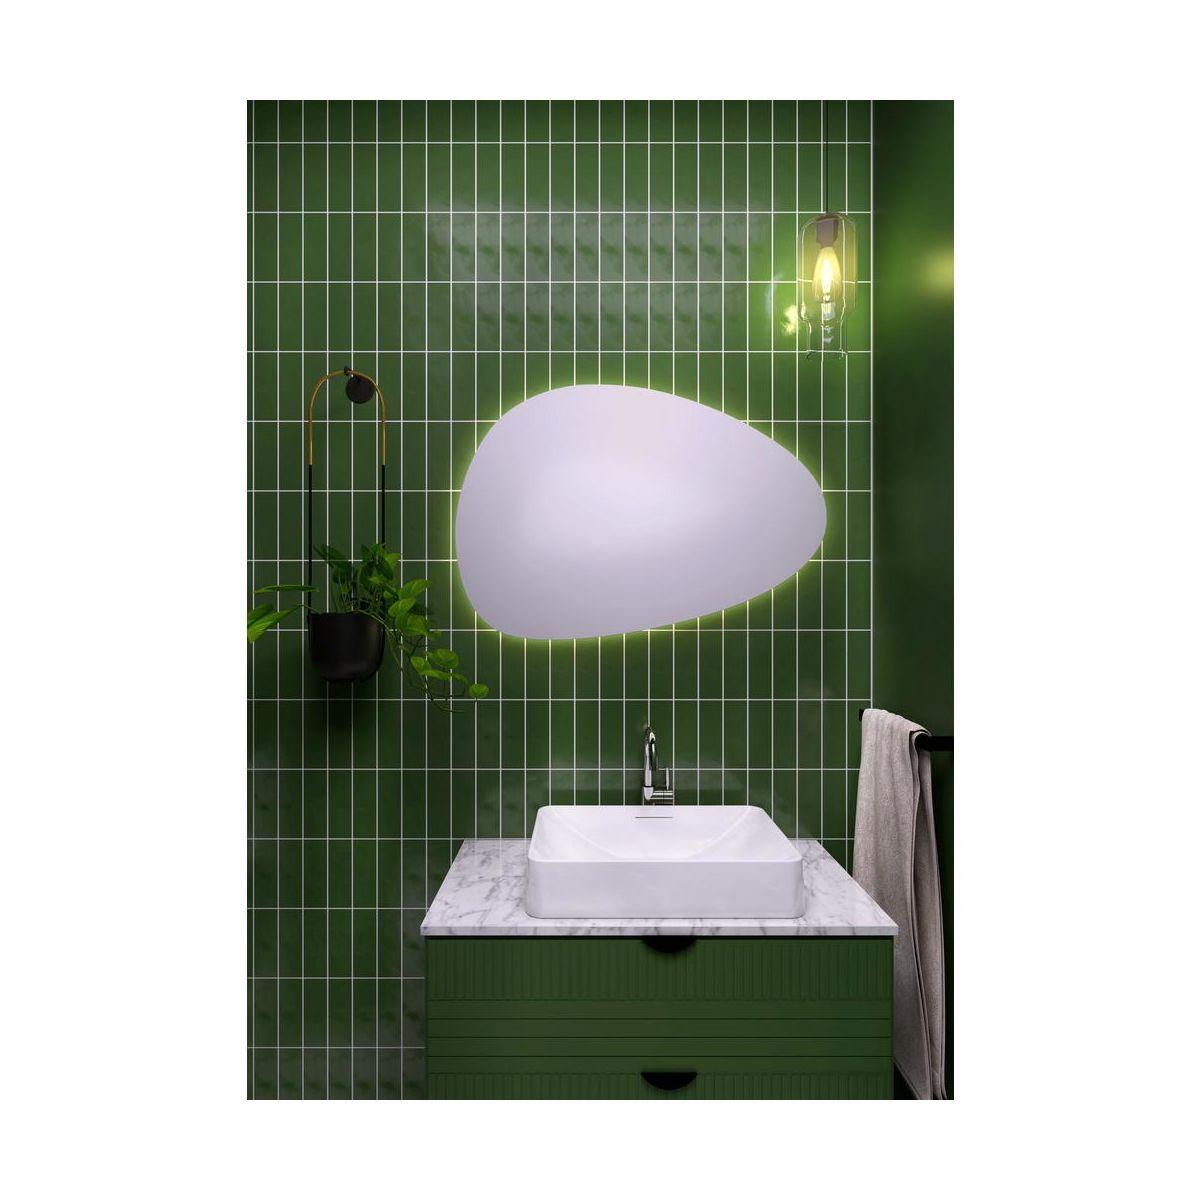 Lustro Lazienkowe Z Oswietleniem Wbudowanym Nova 80 X 55 Dubiel Vitrum Lustra Lazienkowe I Akcesoria W Atrakcyjnej Cen Vanity Bathroom Vanity Single Vanity